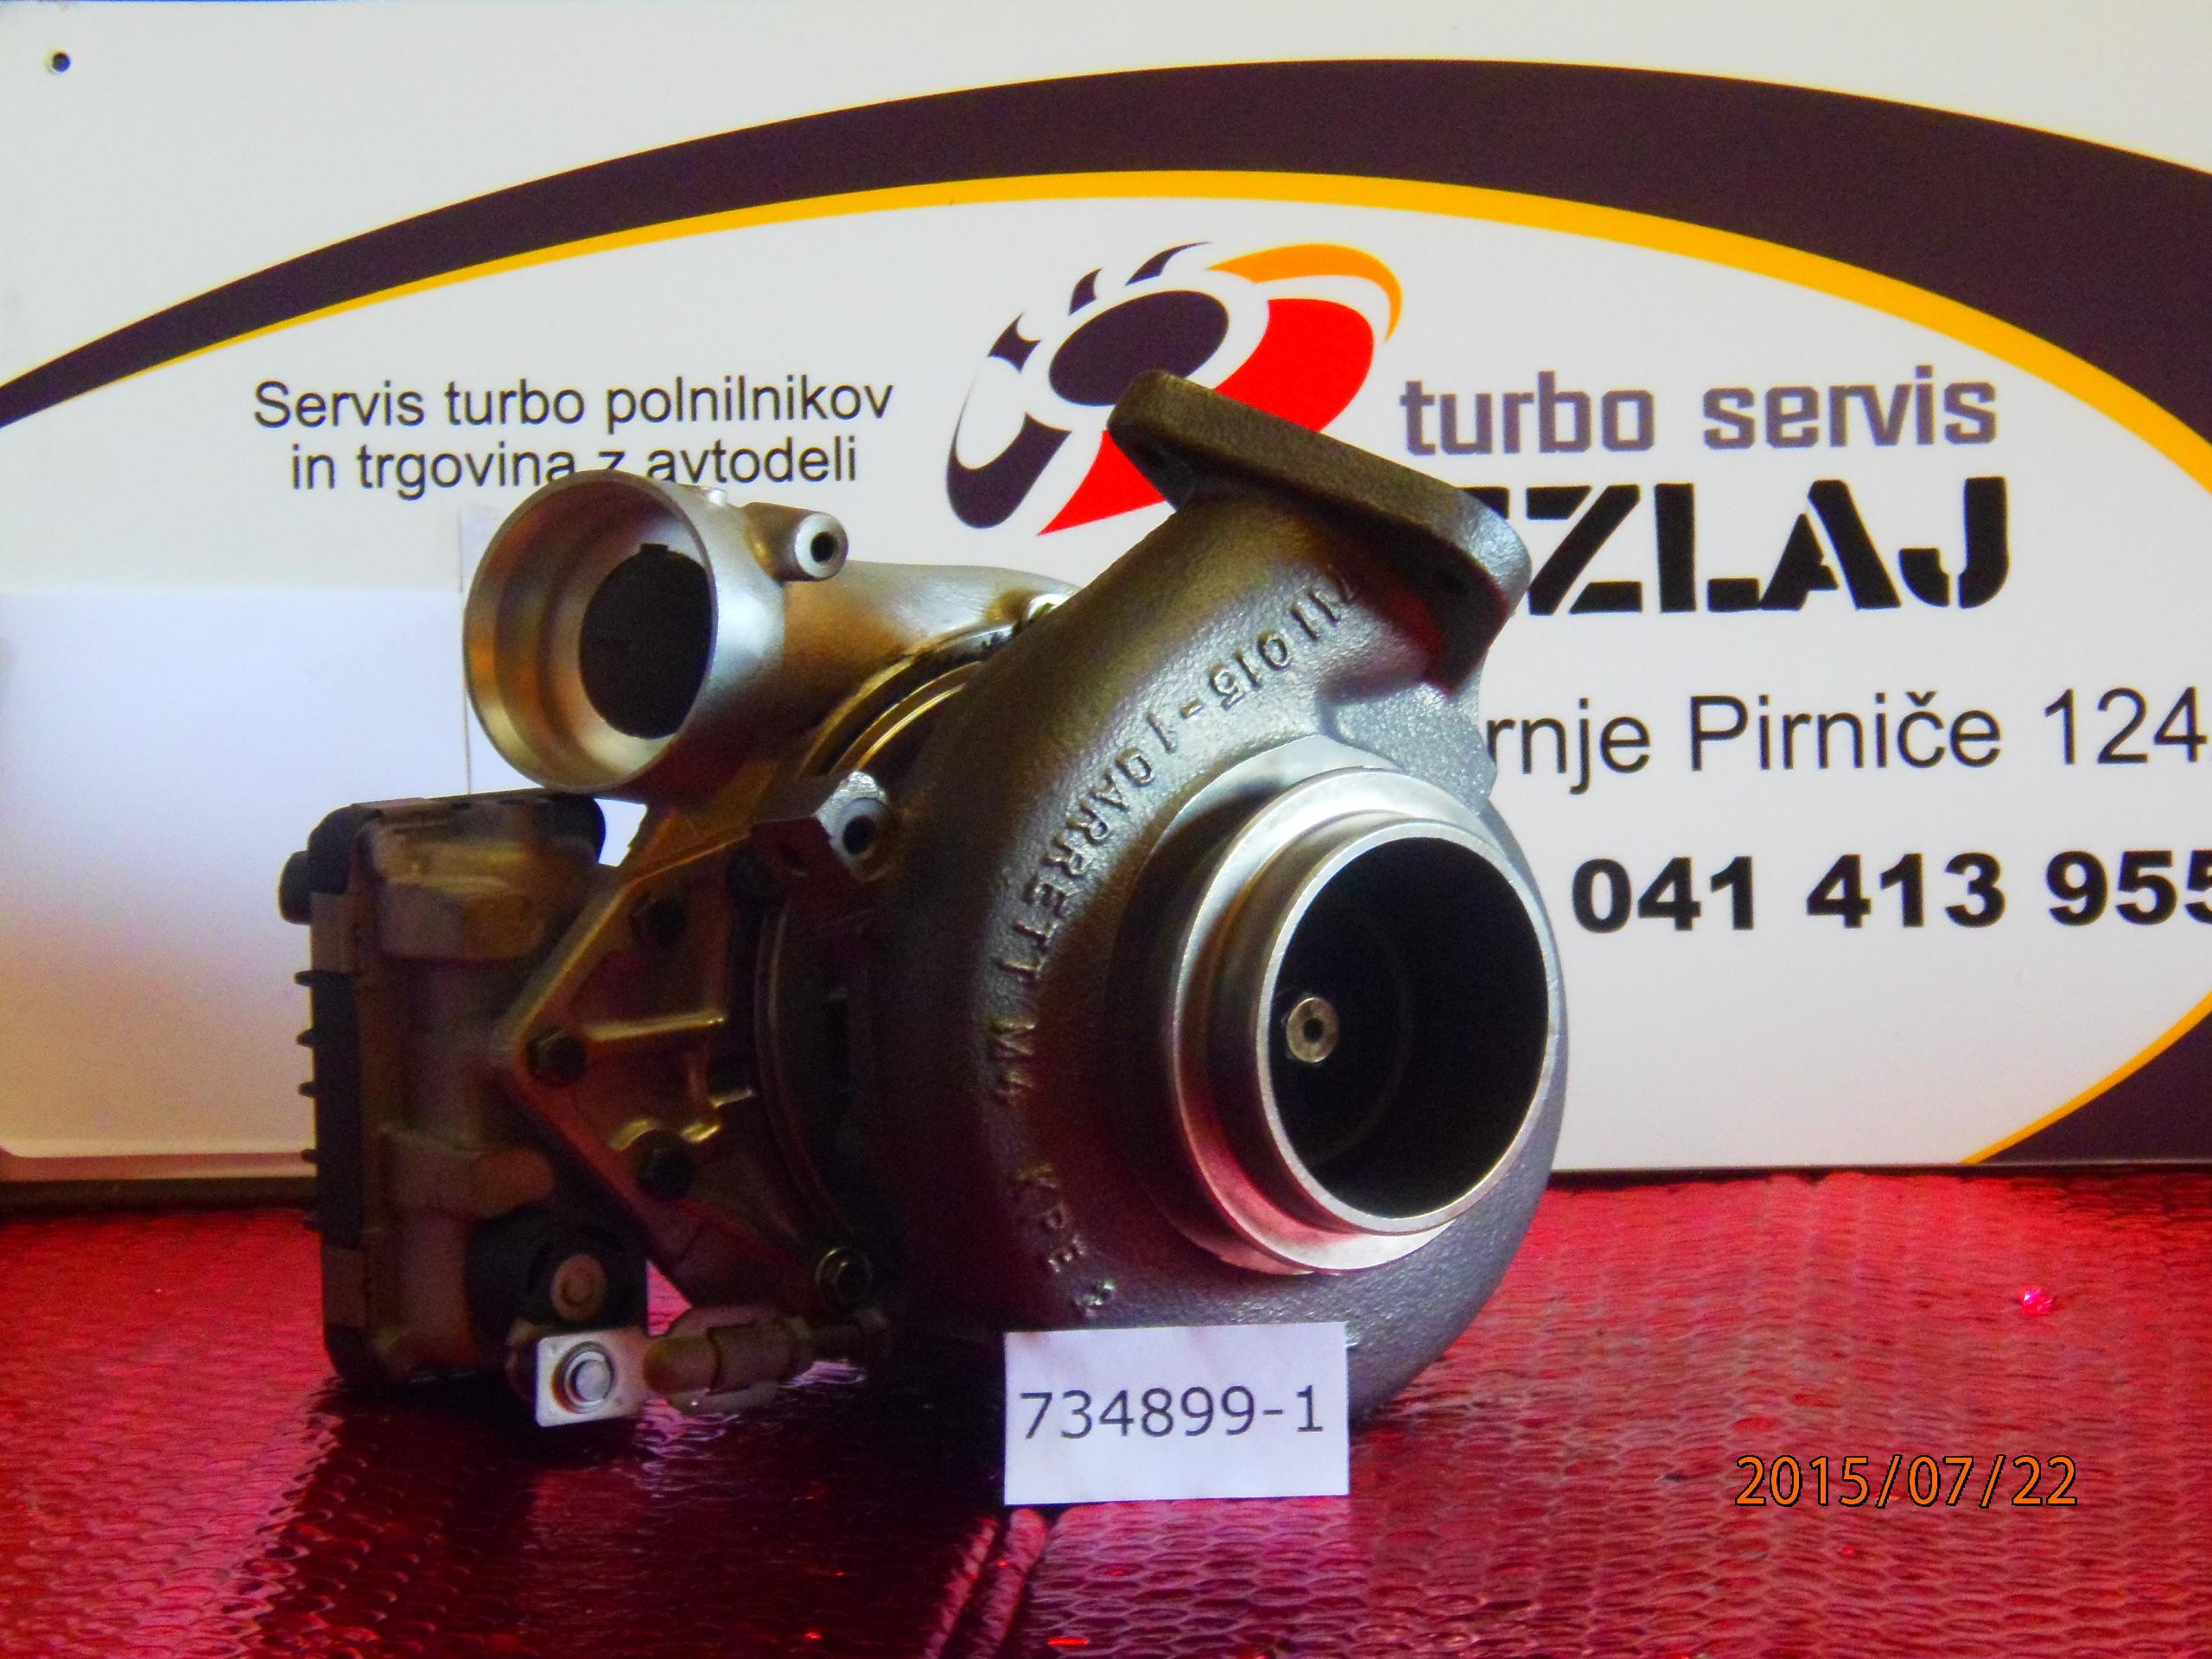 turbo734899-1 (3)